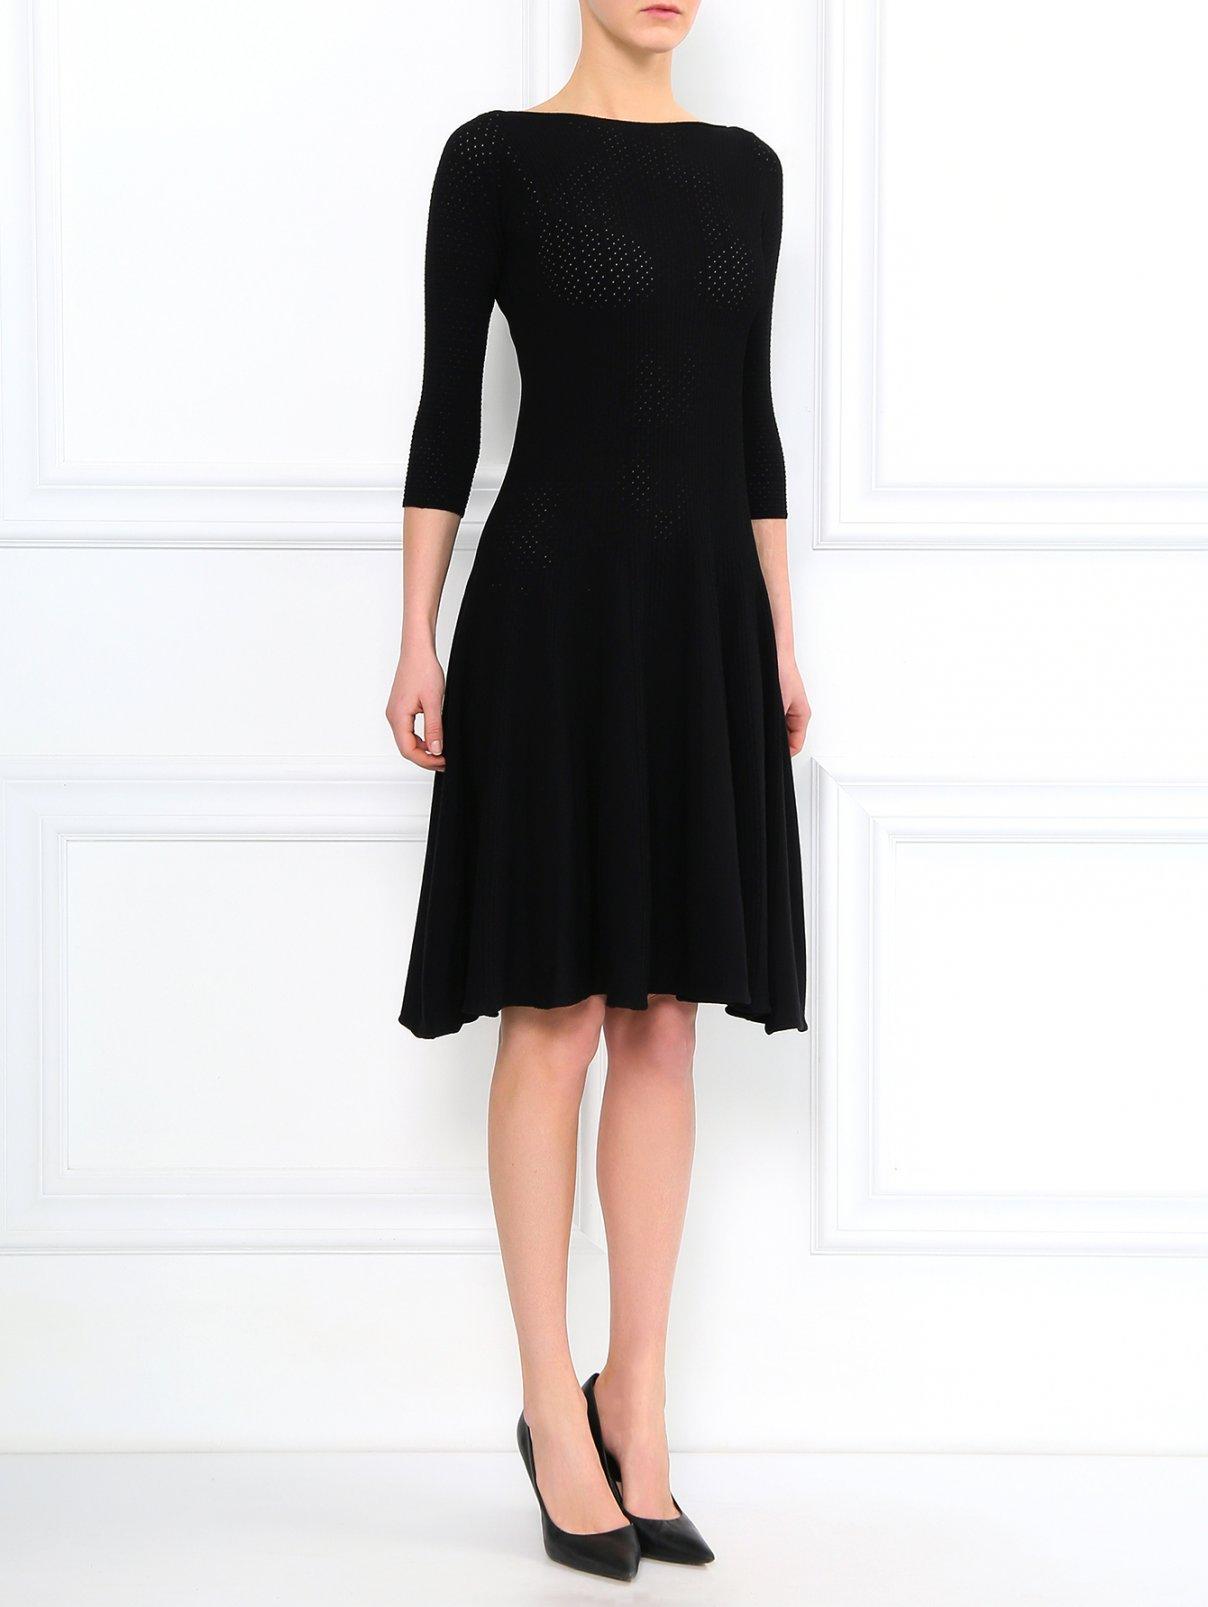 Трикотажное платье-миди с коротким рукавом Emporio Armani  –  Модель Общий вид